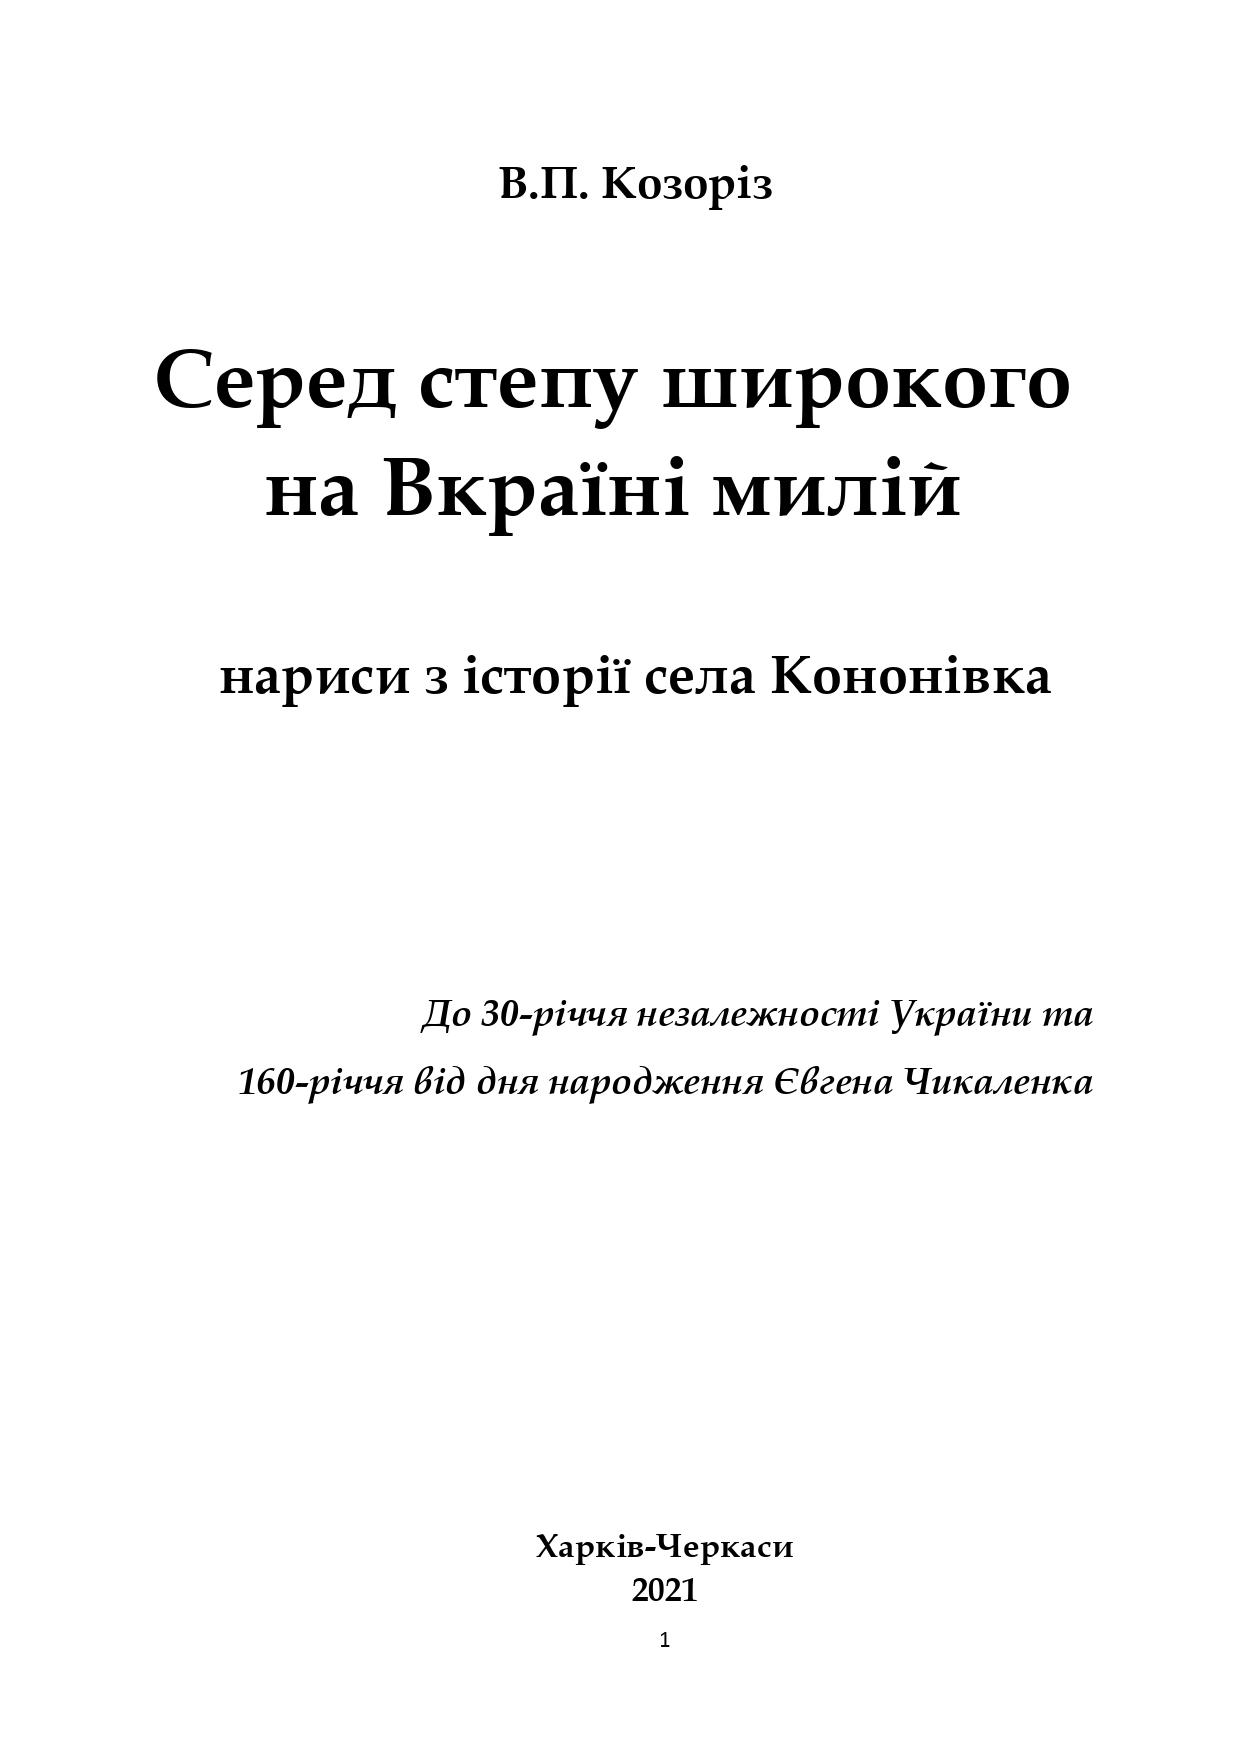 ІСТОРІЯ СЕЛА КОНОНІВКА 2021 (1)_page-0001